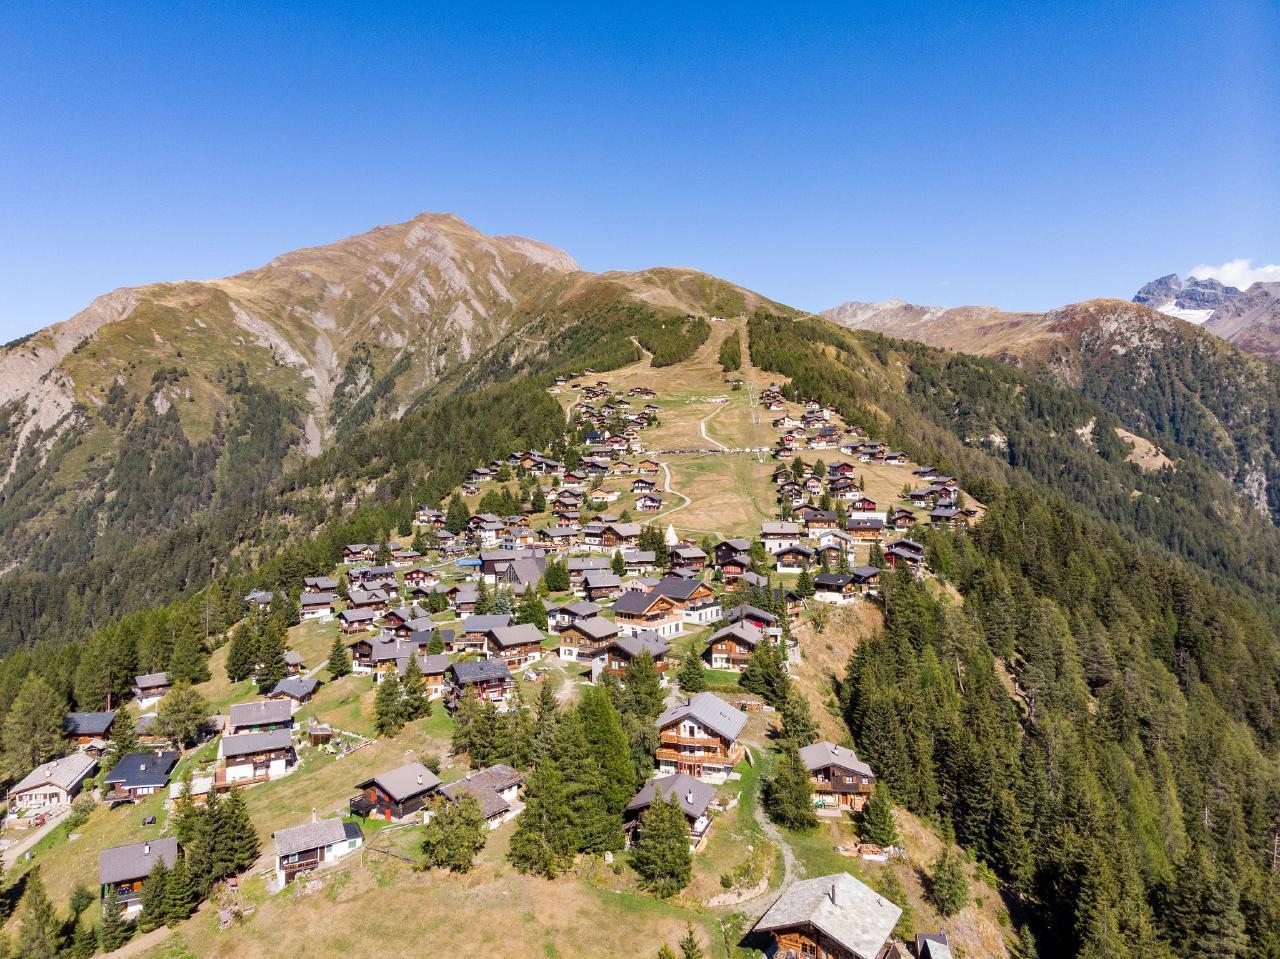 Ferienwohnung Chalet Bergfink | Ferienwohnung in den Walliser Bergen auf Rosswald (2311758), Rosswald, Brig - Simplon, Wallis, Schweiz, Bild 2